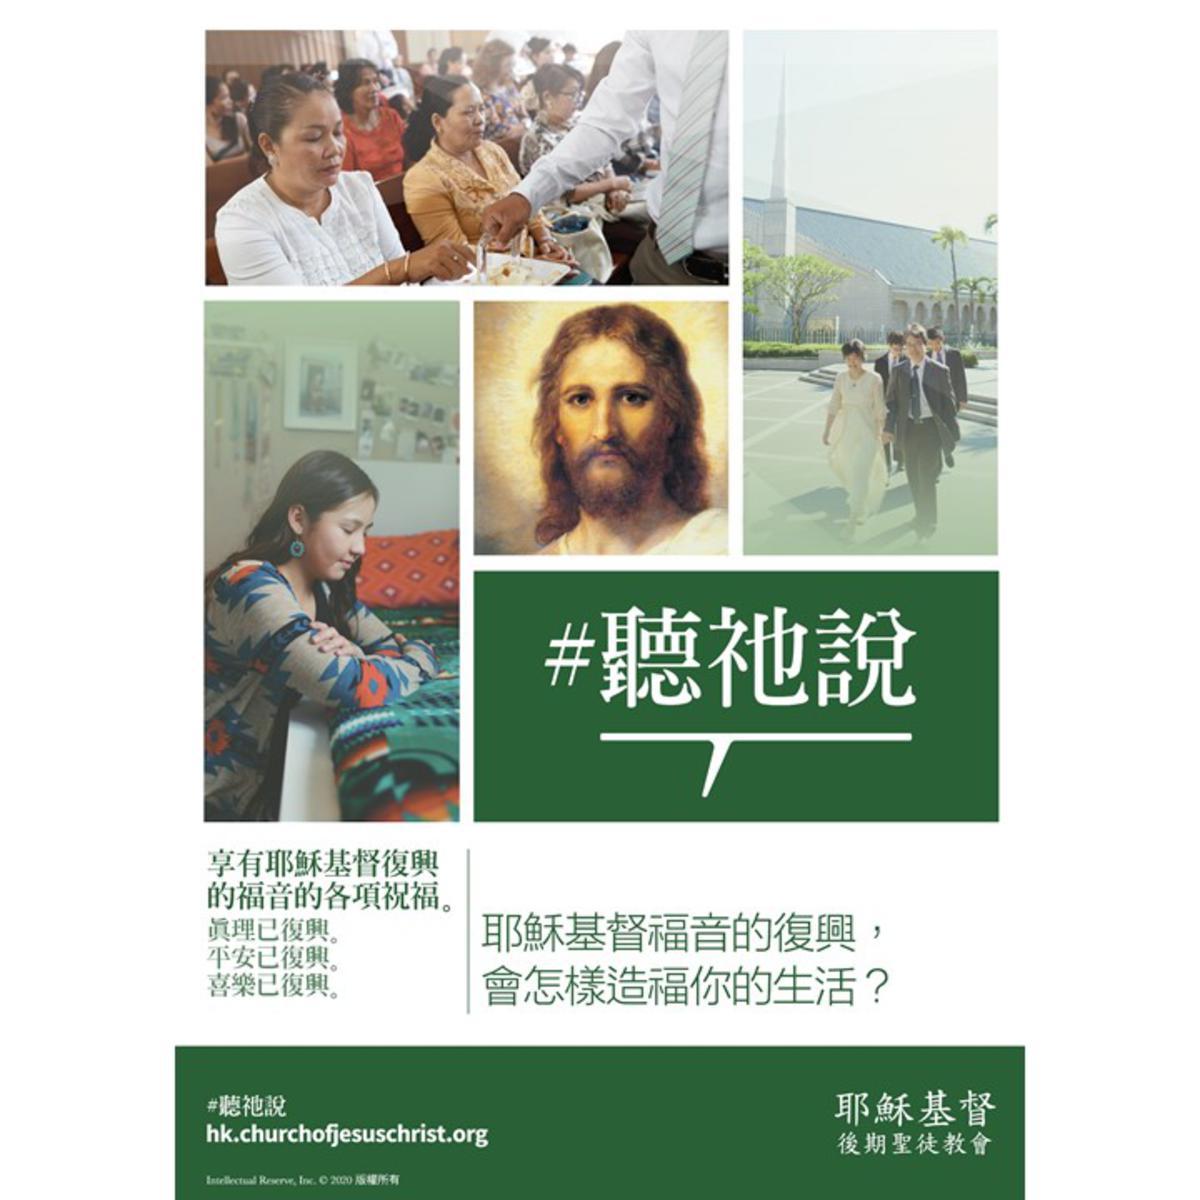 享有耶穌基督復興的福音的各項祝福